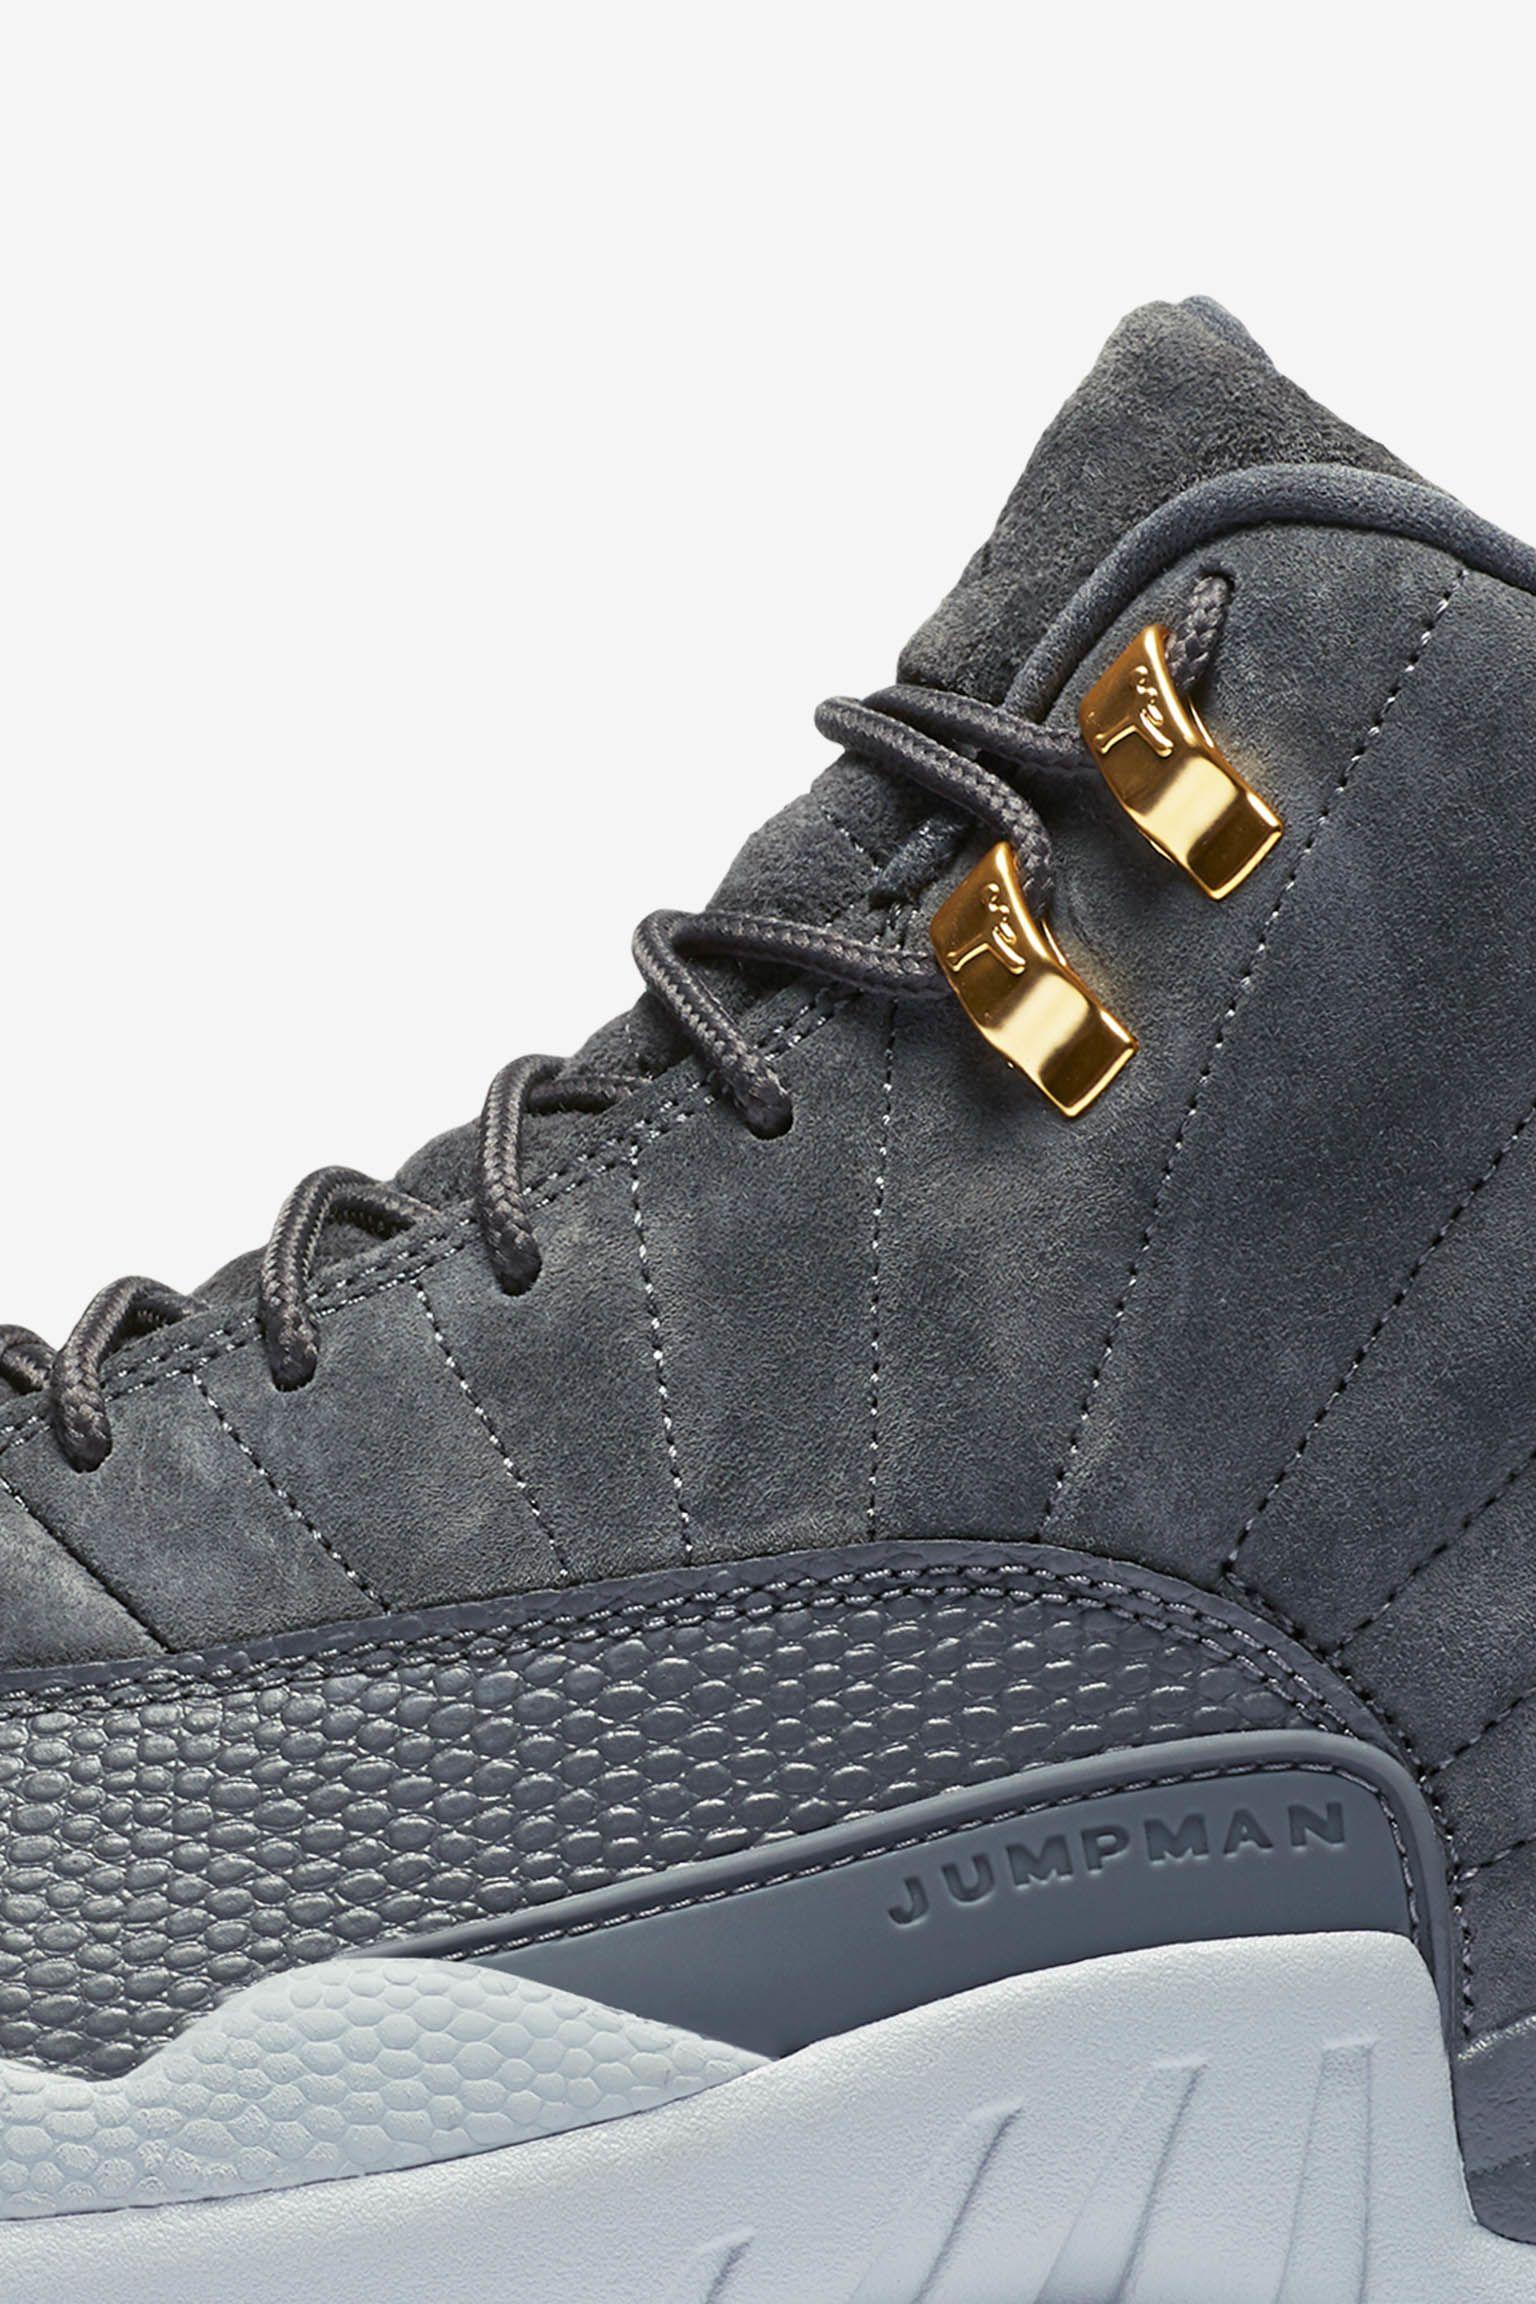 Air Jordan 12 Retro 'Dark Grey' Release Date